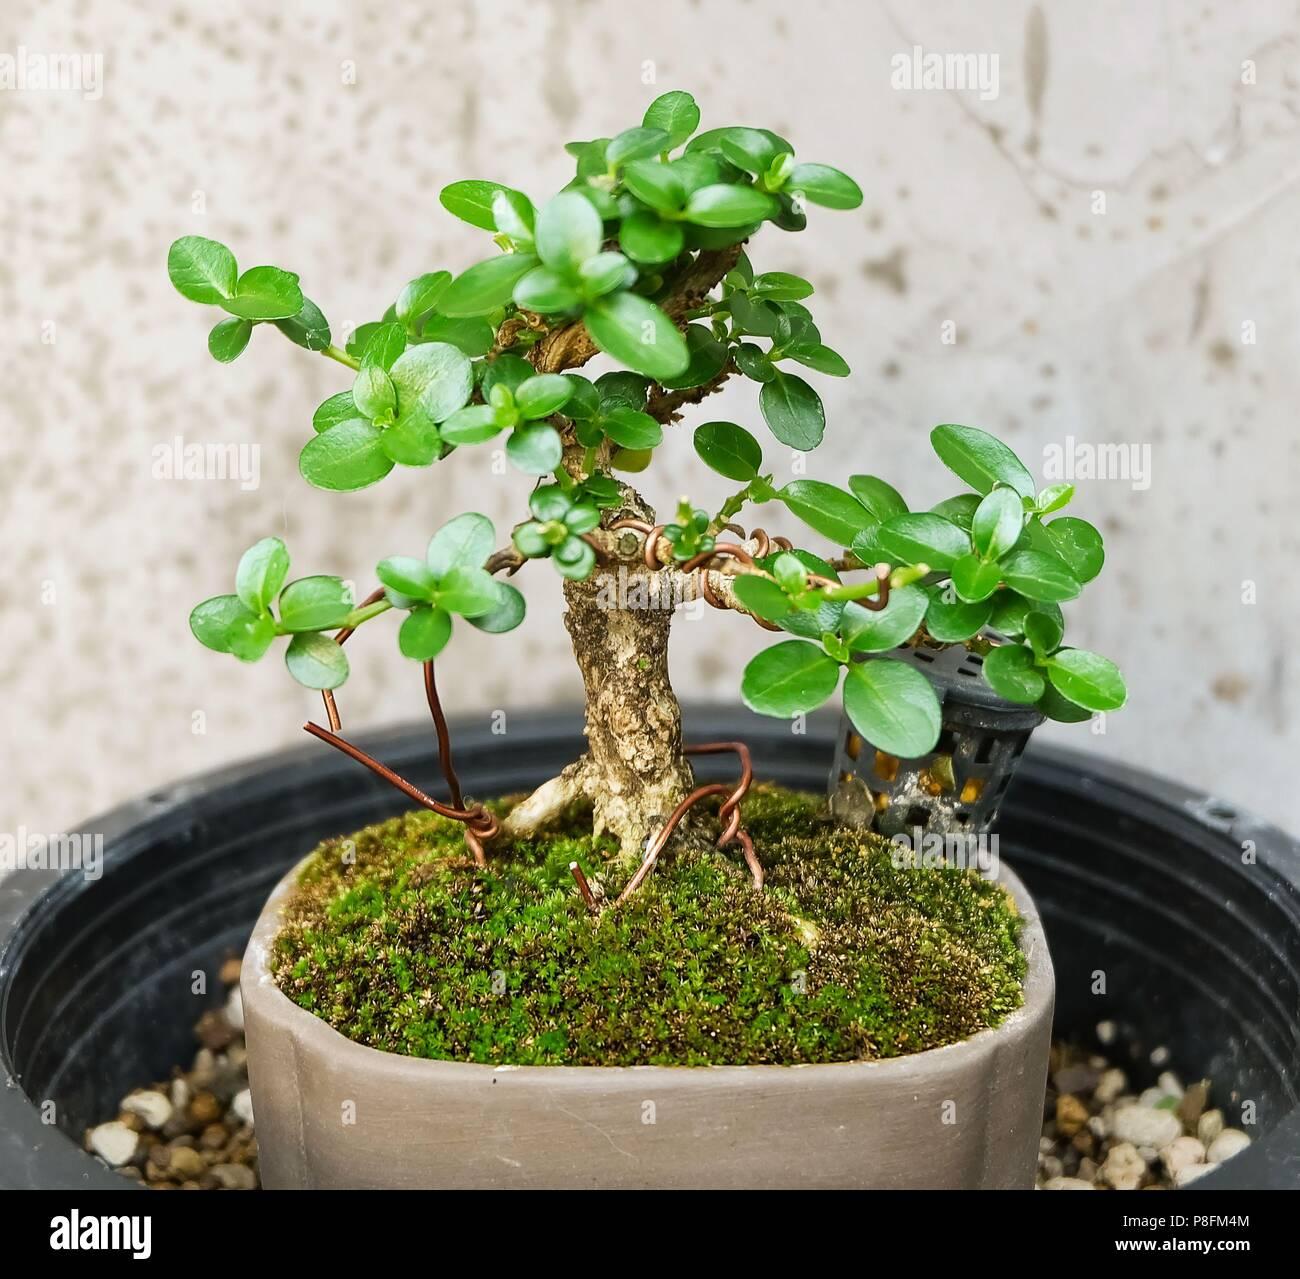 Zimmerpflanze Schone Frische Bonsai Baum In Einem